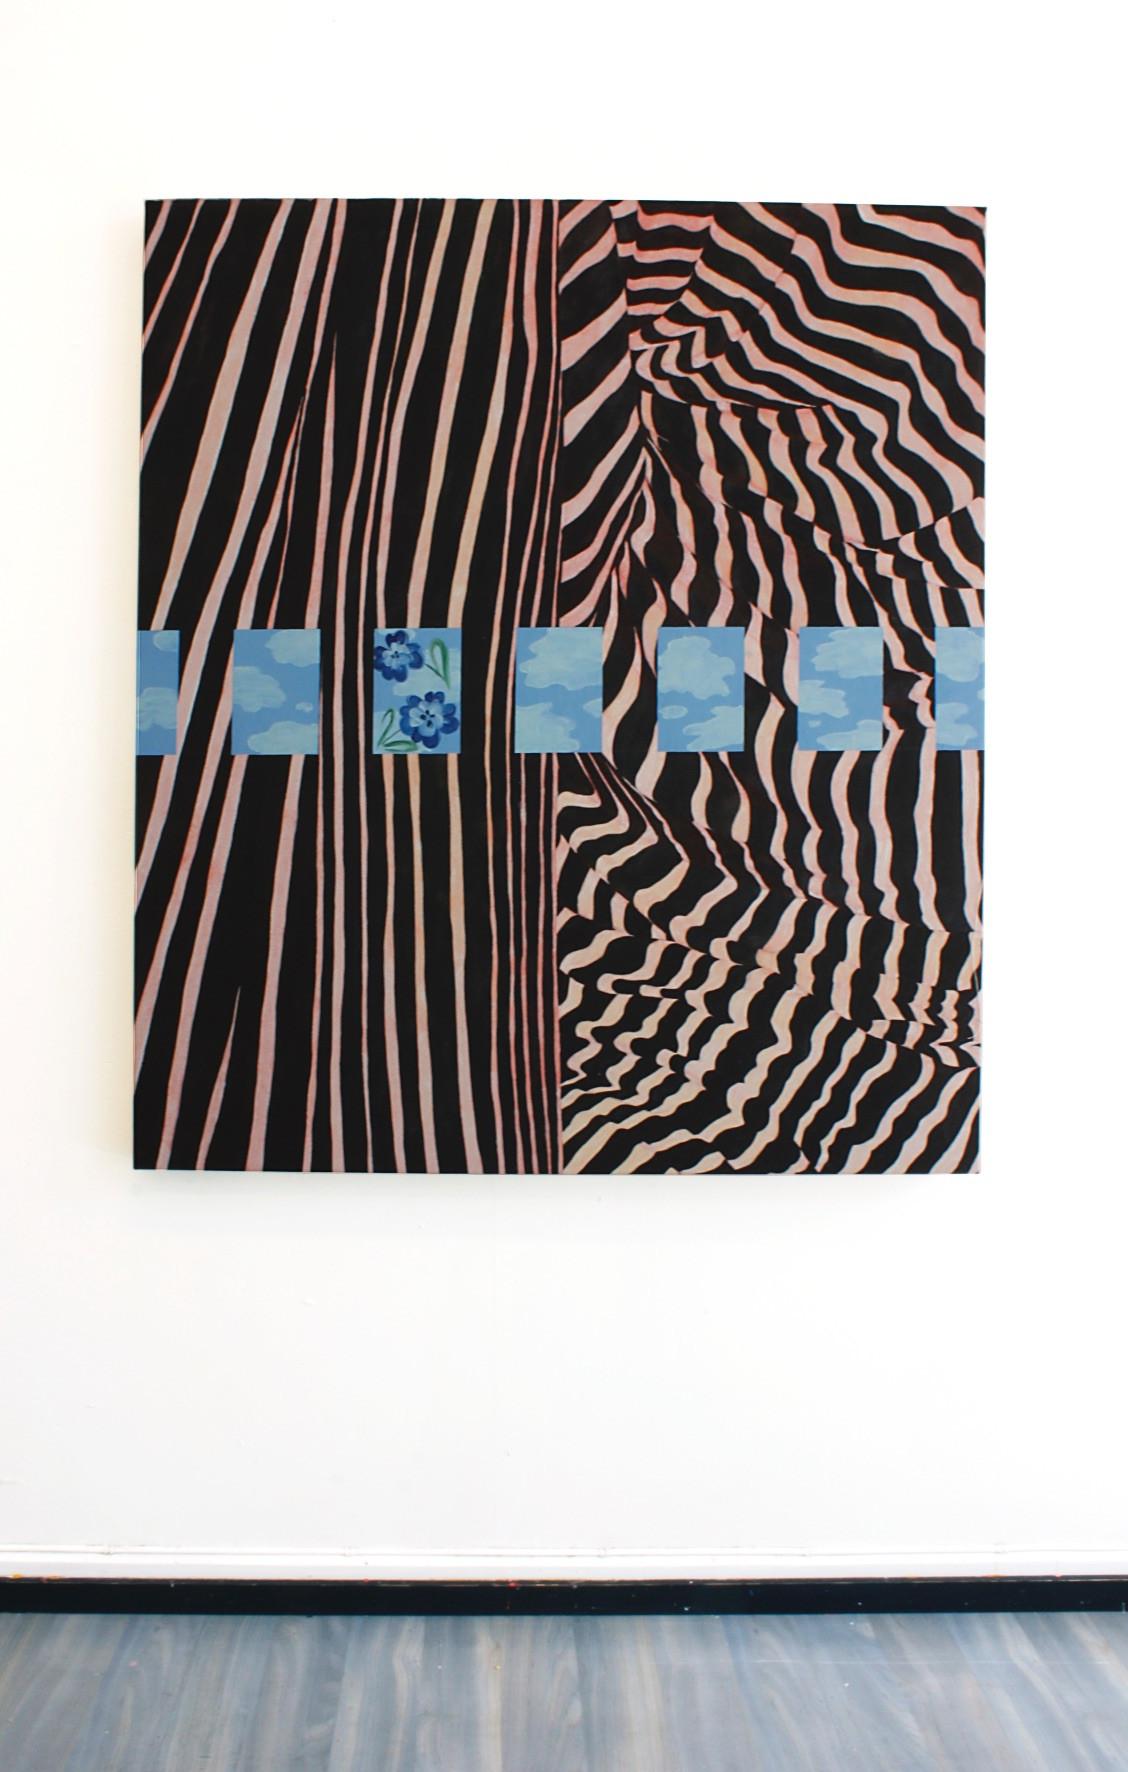 Kakel II, 130x110 cm, olja, tempera och akryl på canvas, 2019